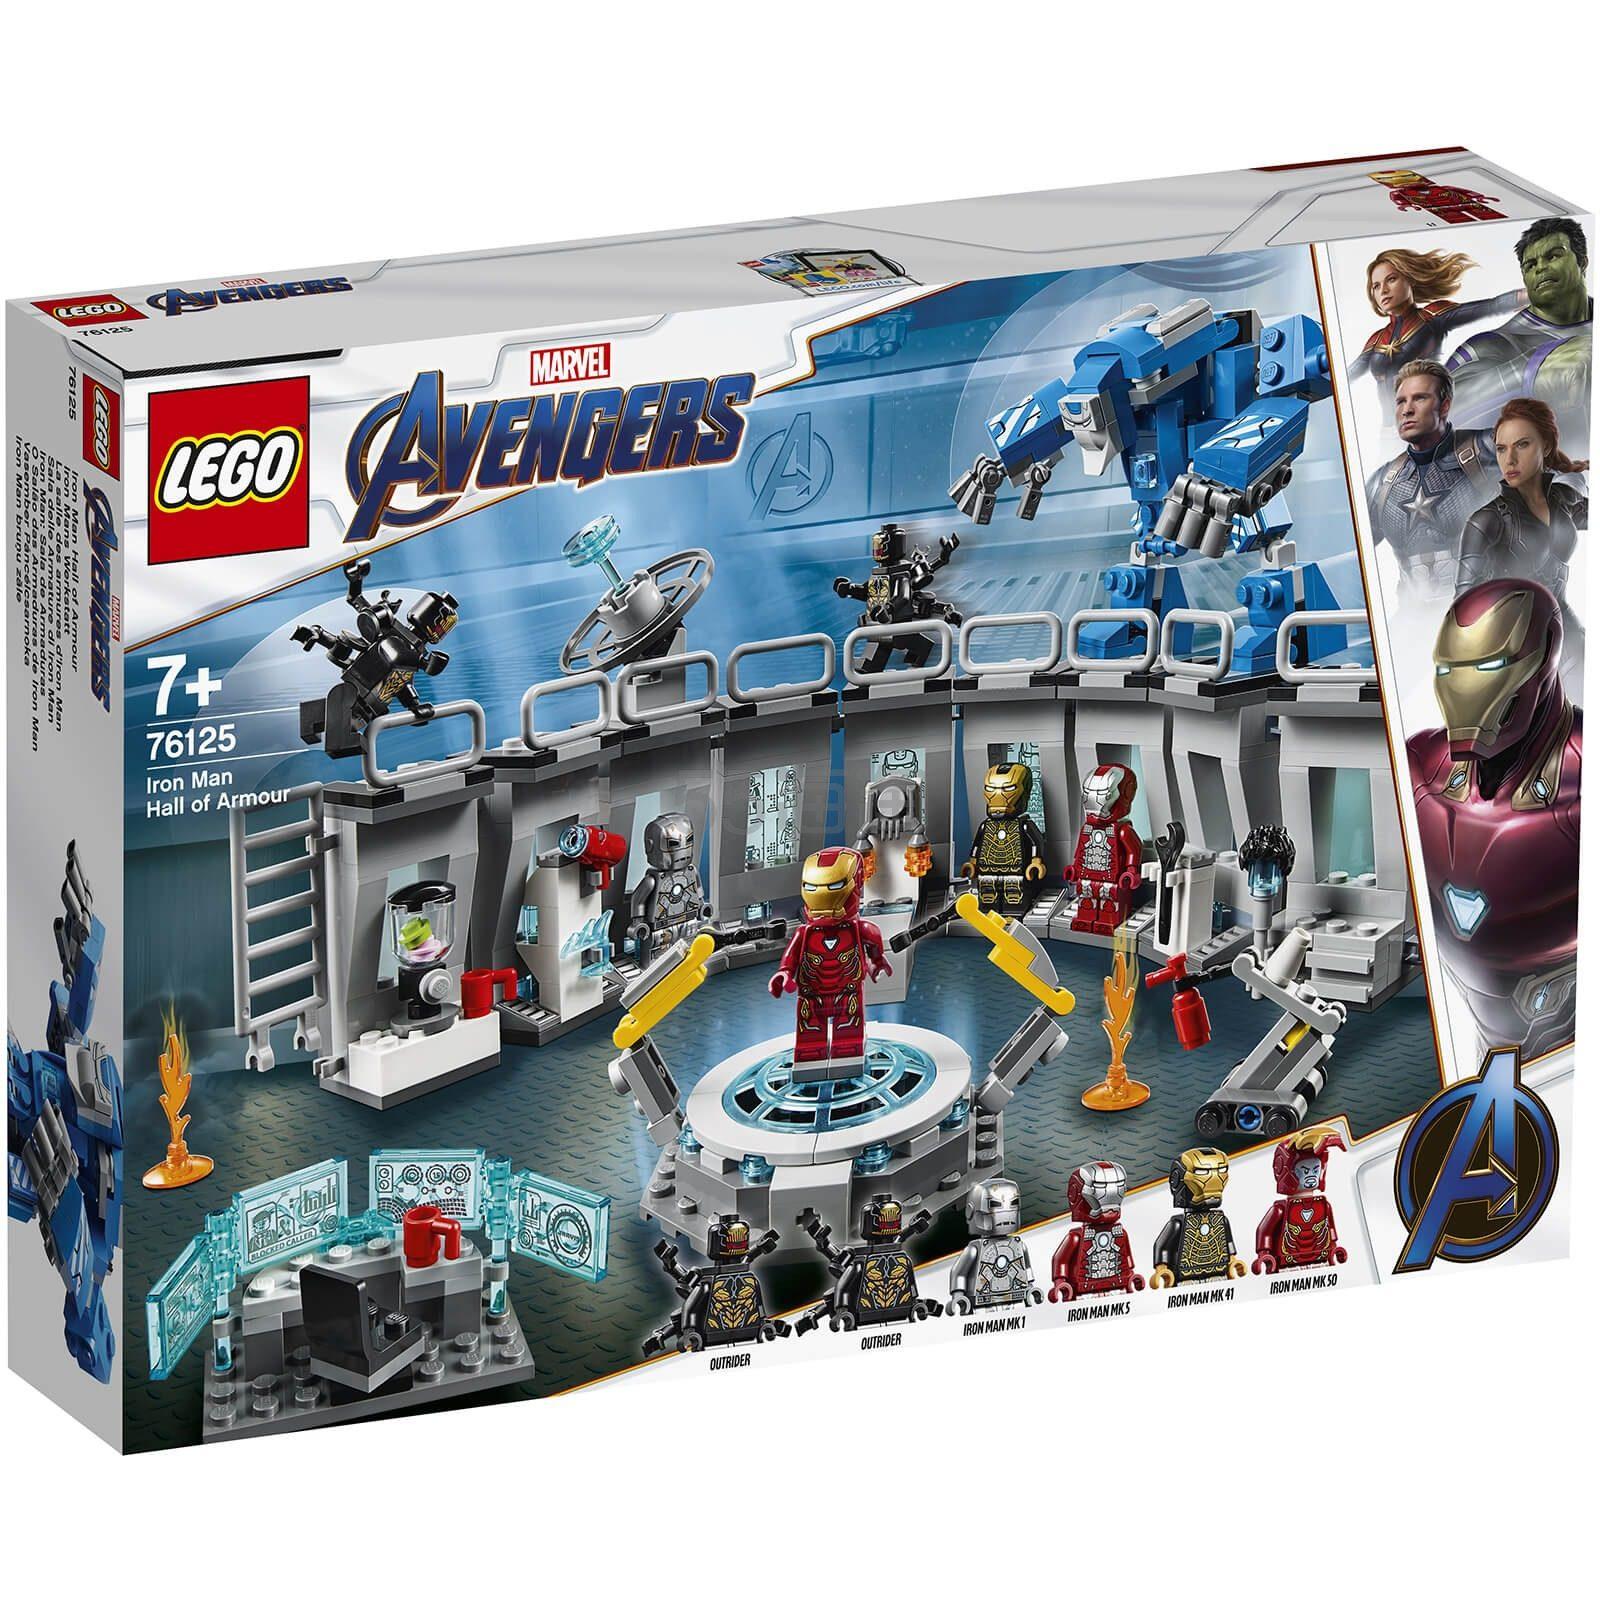 免邮中国!LEGO 乐高新品 超级英雄系列 钢铁侠机甲陈列室 (76125) £43.99(约385元) - 海淘优惠海淘折扣|55海淘网